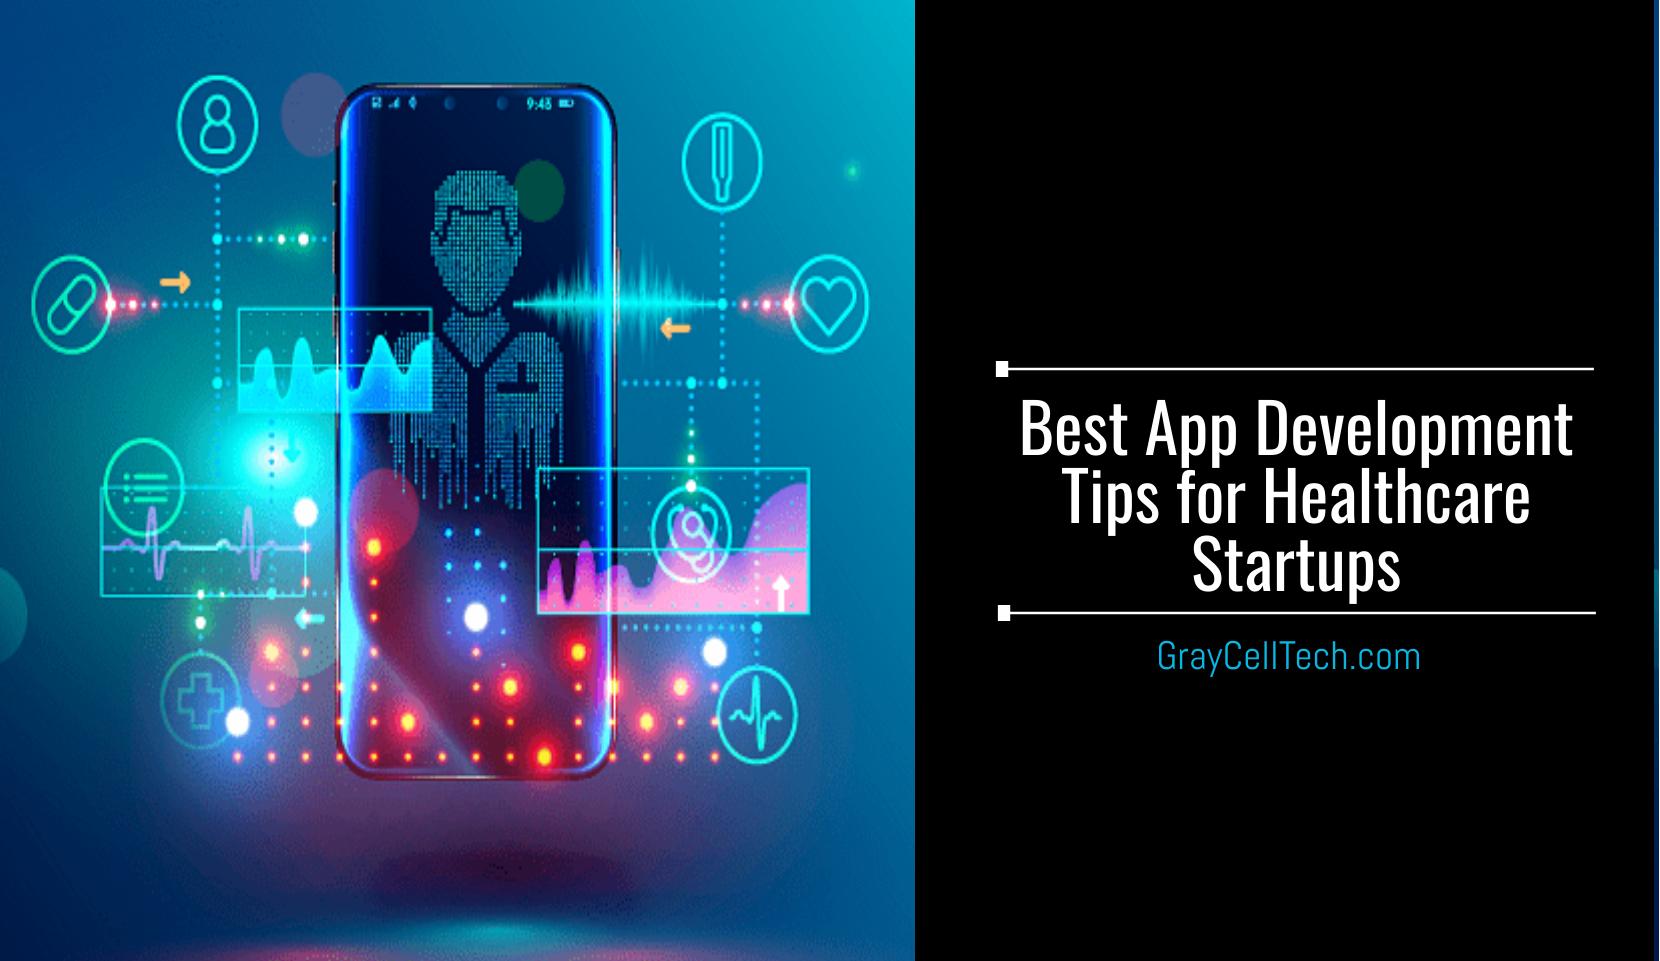 Best App Development Tips for Healthcare Startups